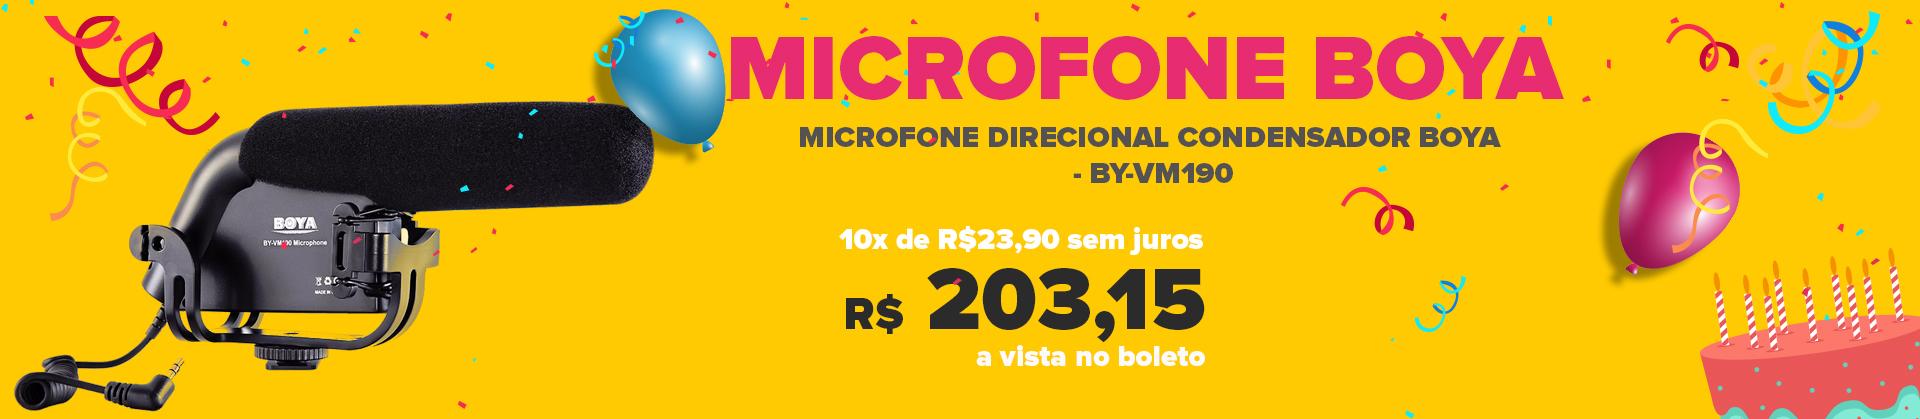 MICROFONE DIRECIONAL CONDENSADOR BOYA - BY-VM190